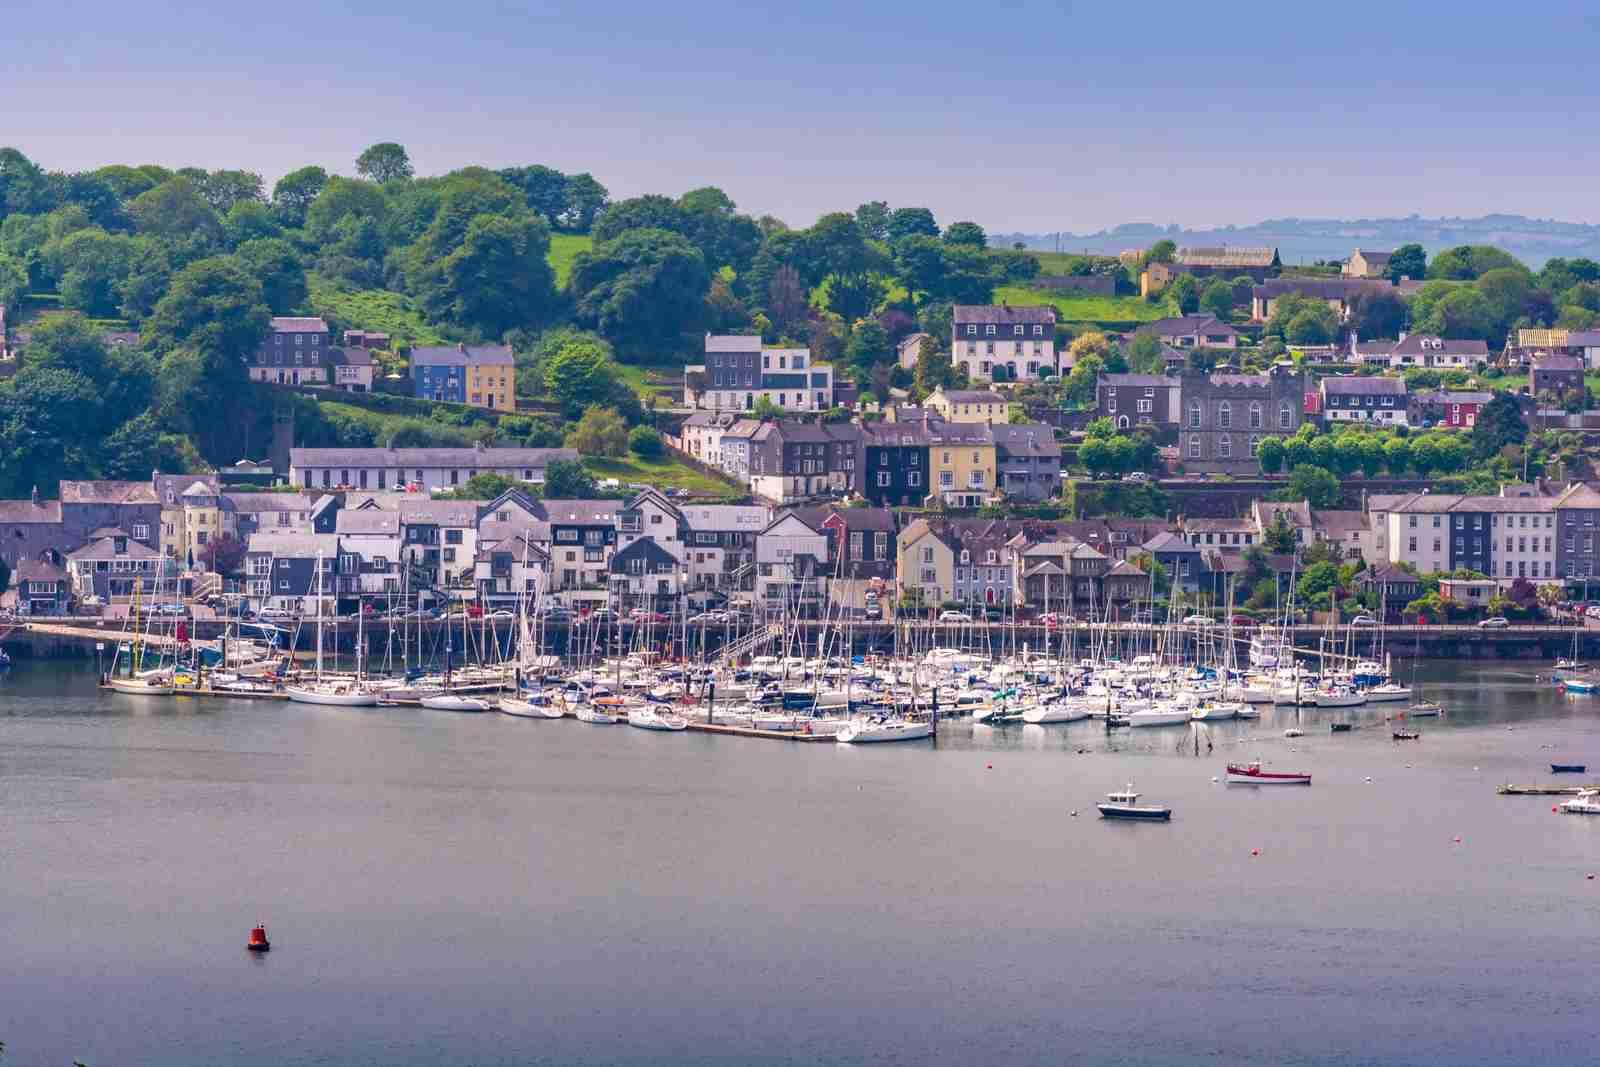 Kinsale Harbour. (Photo by Marius Roman/Getty Images)